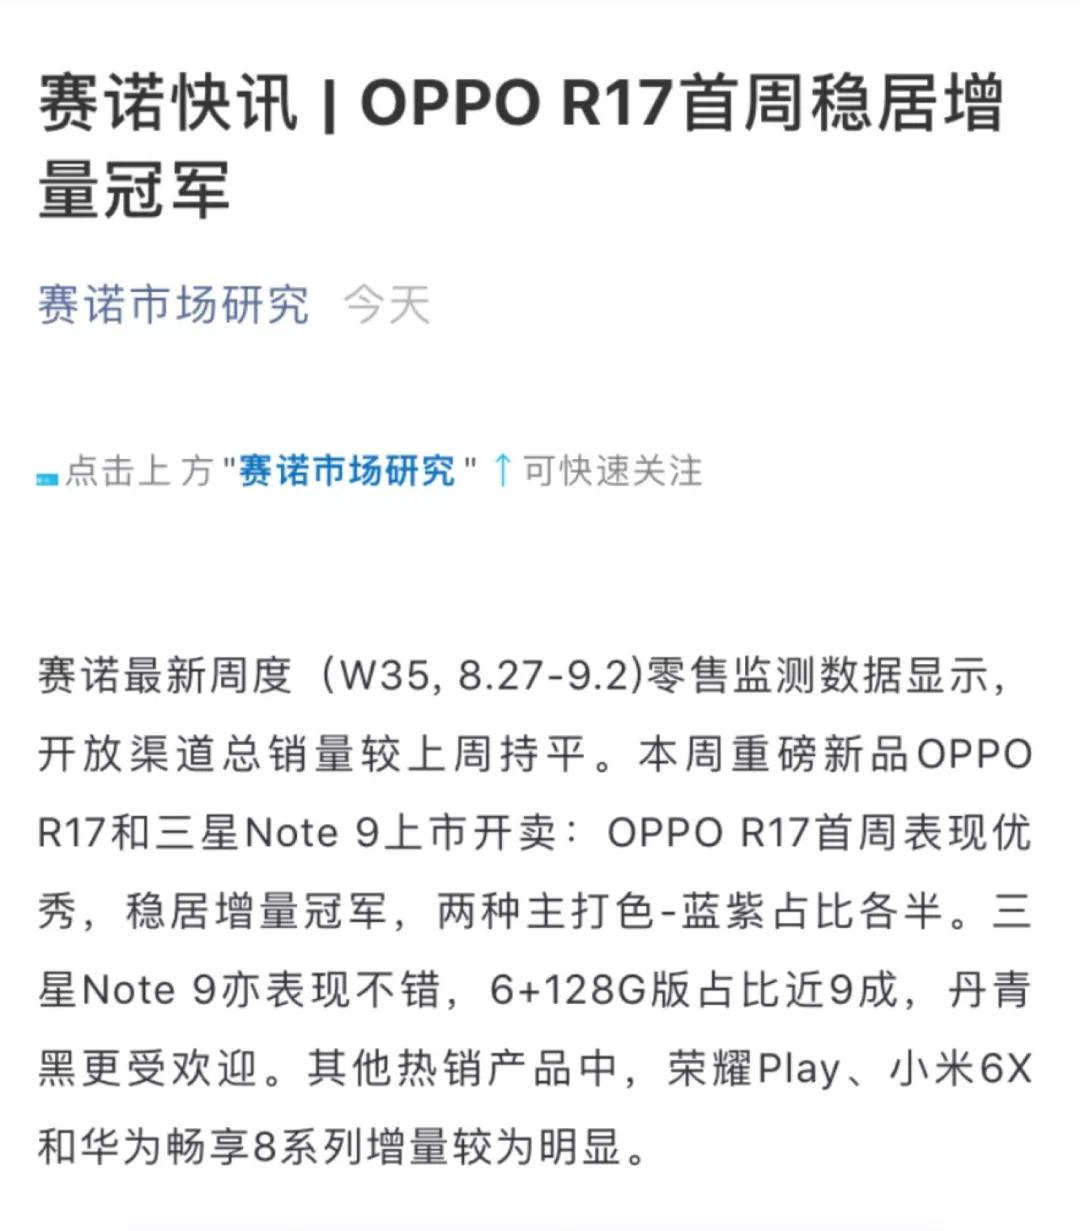 市场拐点下的R17,能成OPPO的支点?